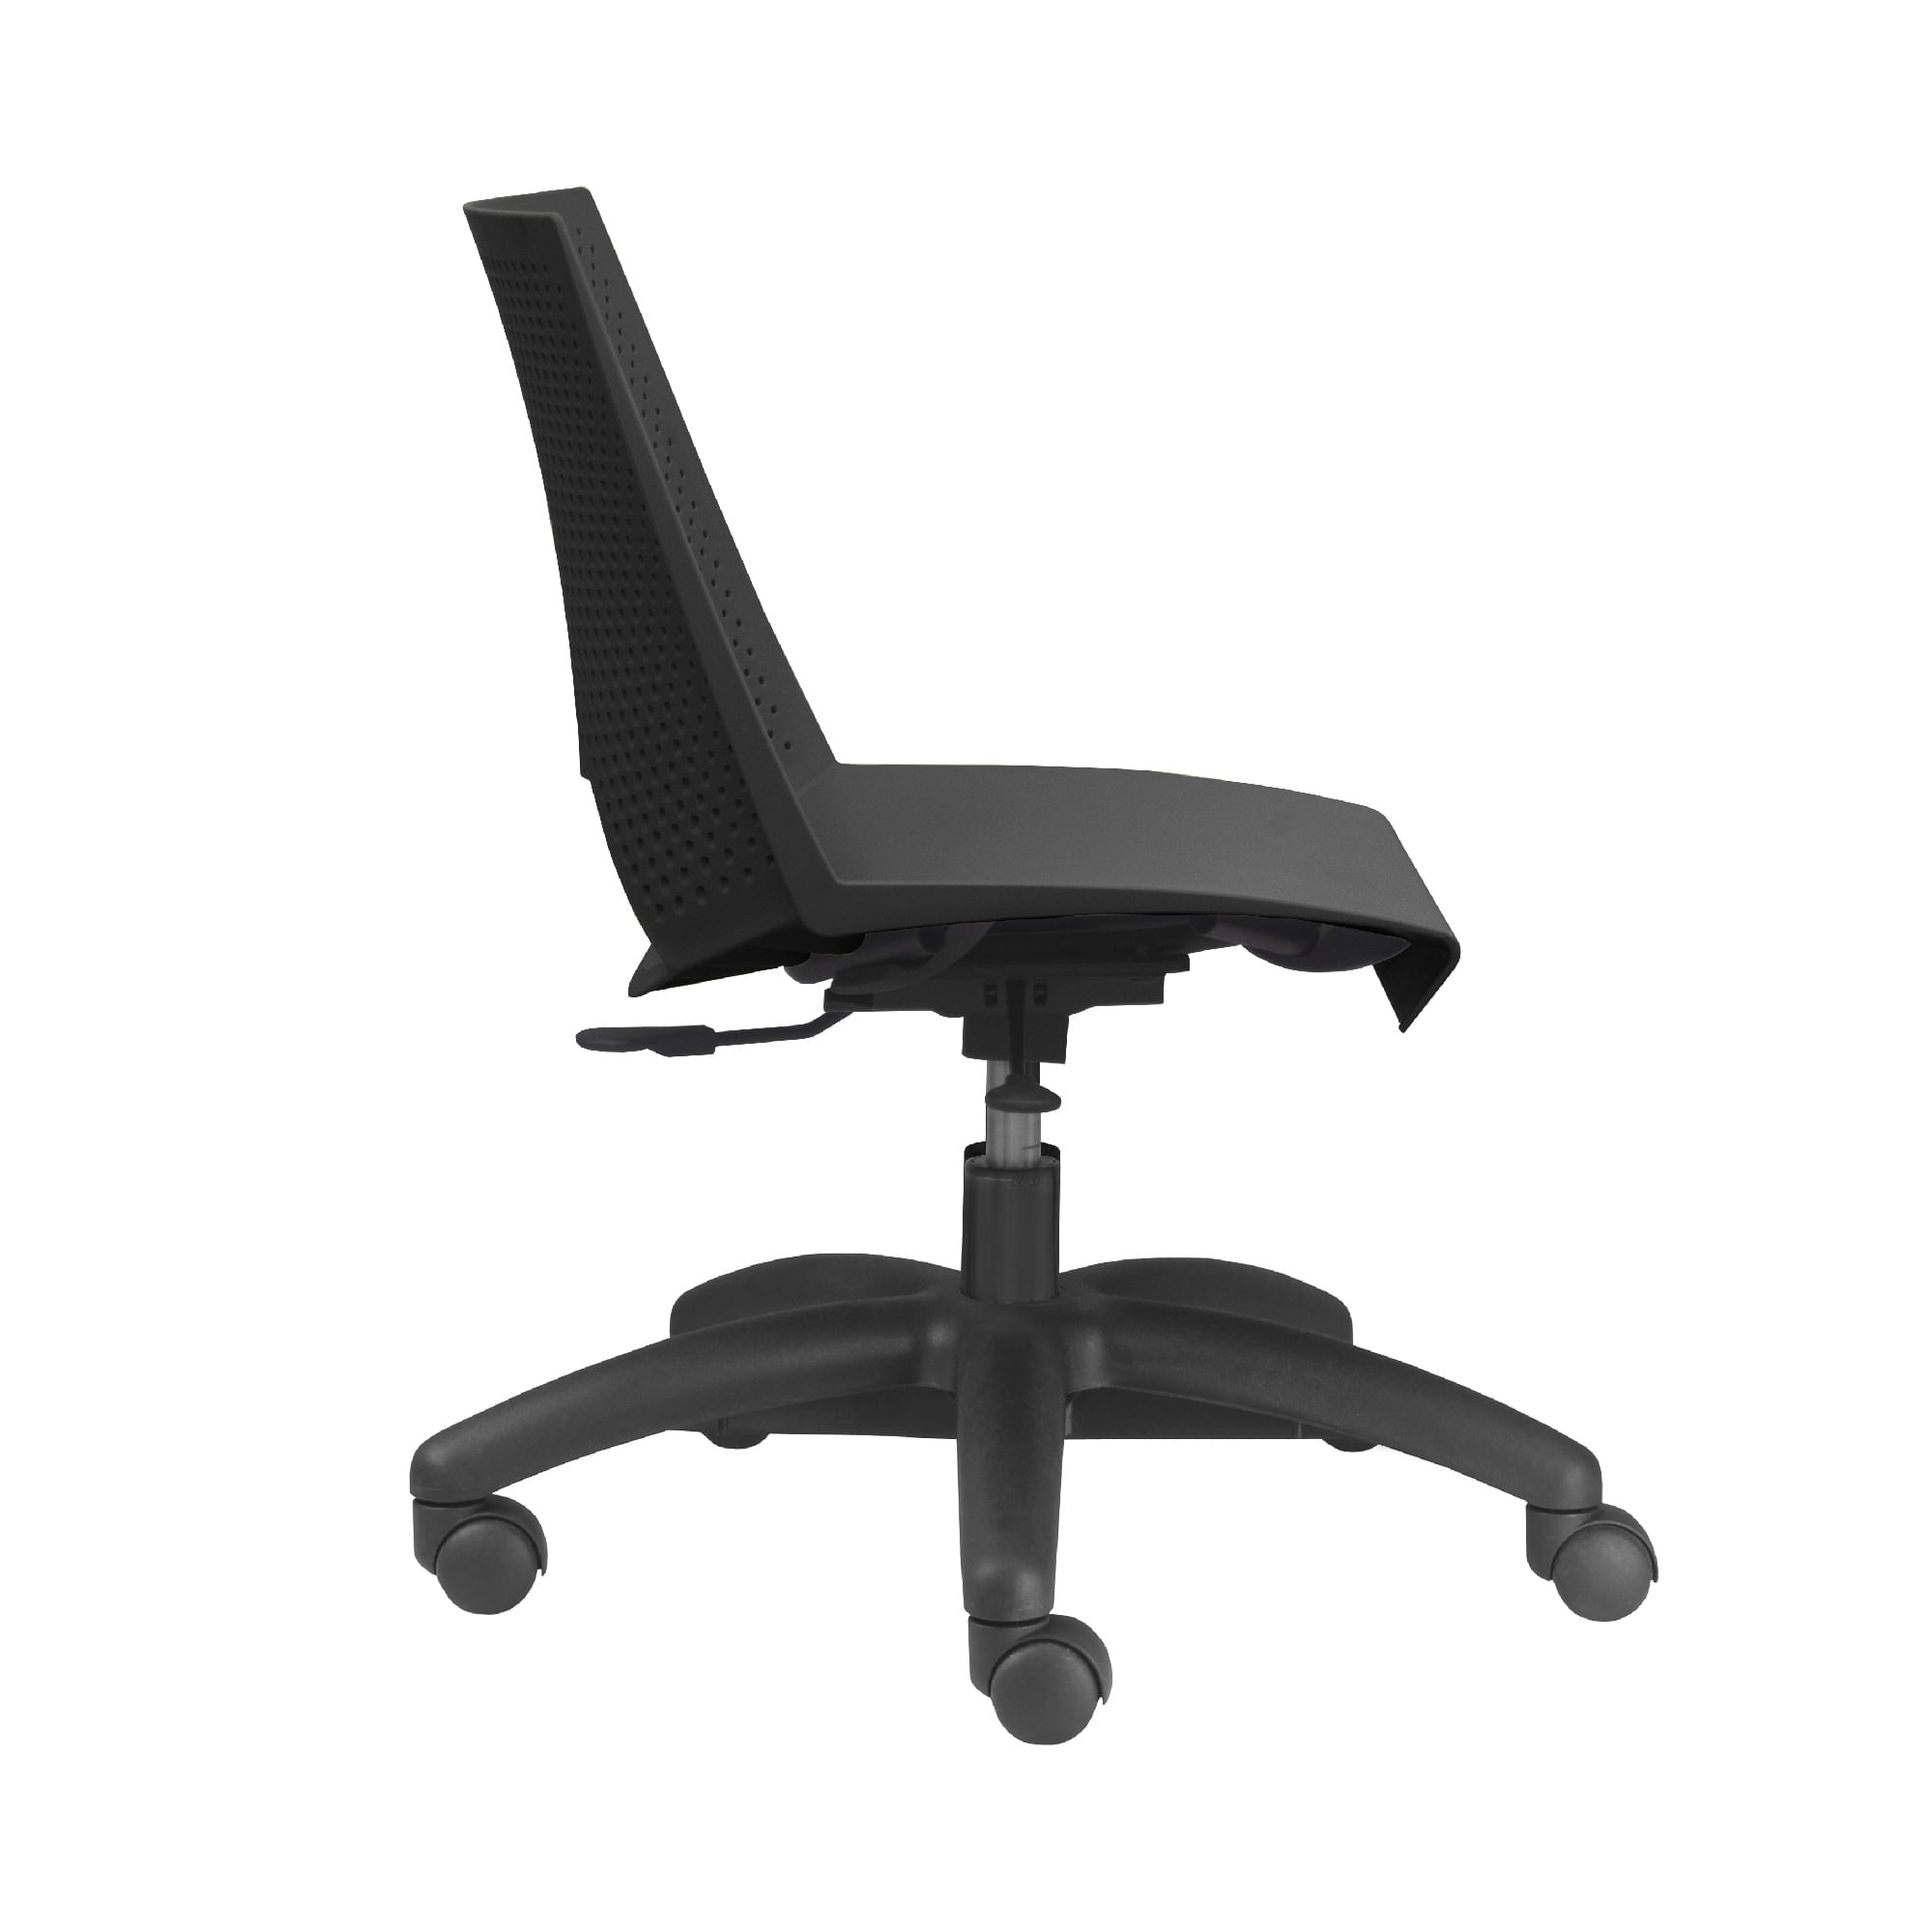 Kit 5 Cadeiras Strike Base Rodizio Preta - 57636